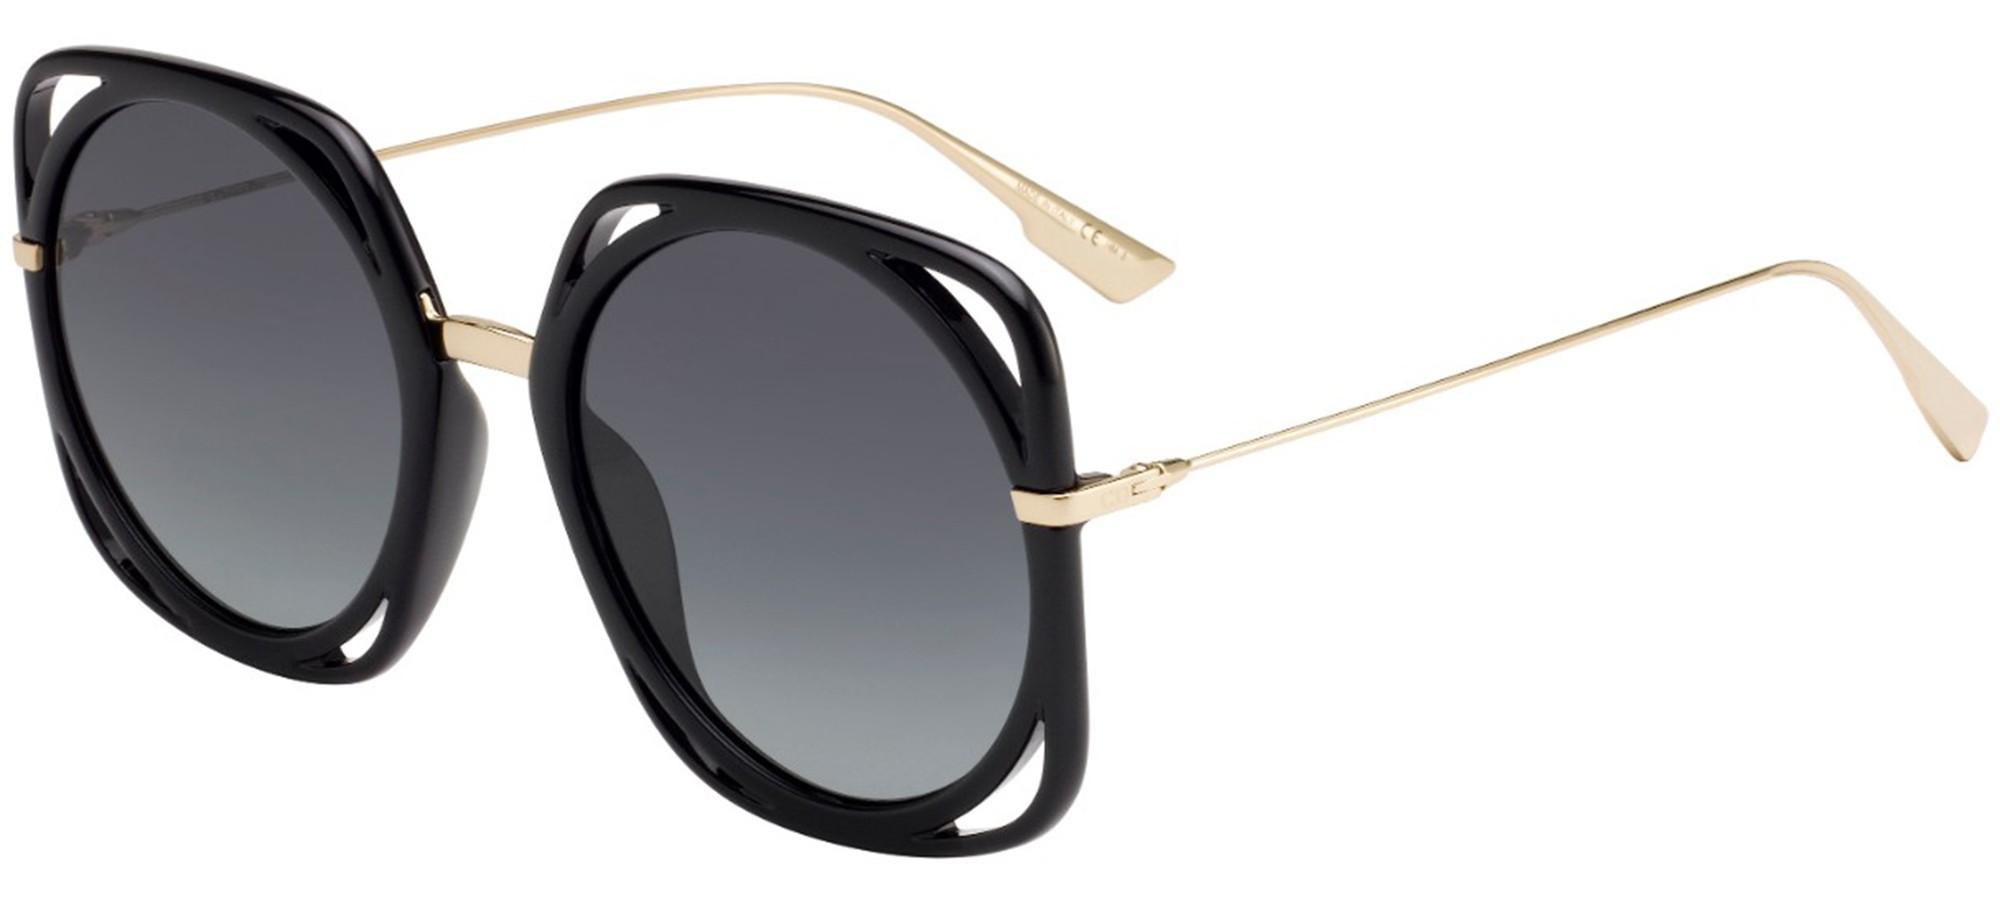 Dior sunglasses DIOR DIRECTION